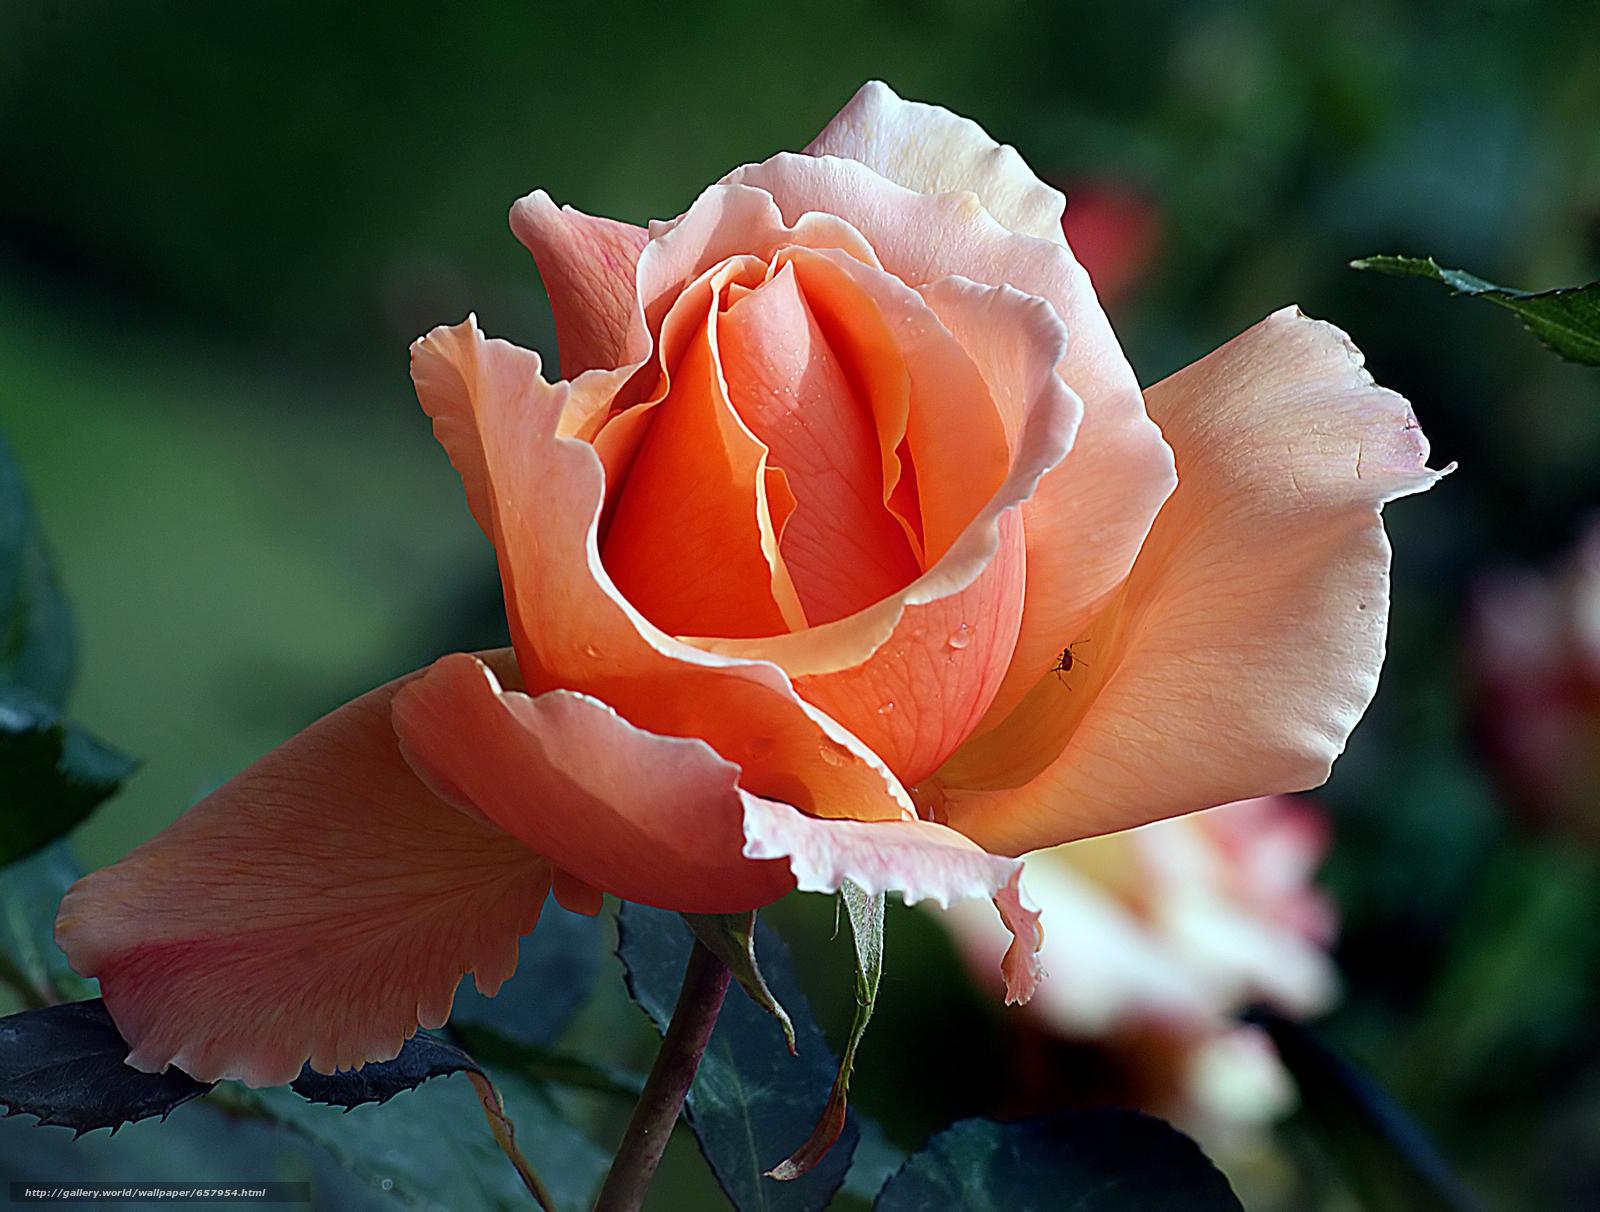 Скачать обои роза,  розы,  цветок,  цветы бесплатно для рабочего стола в разрешении 3205x2427 — картинка №657954